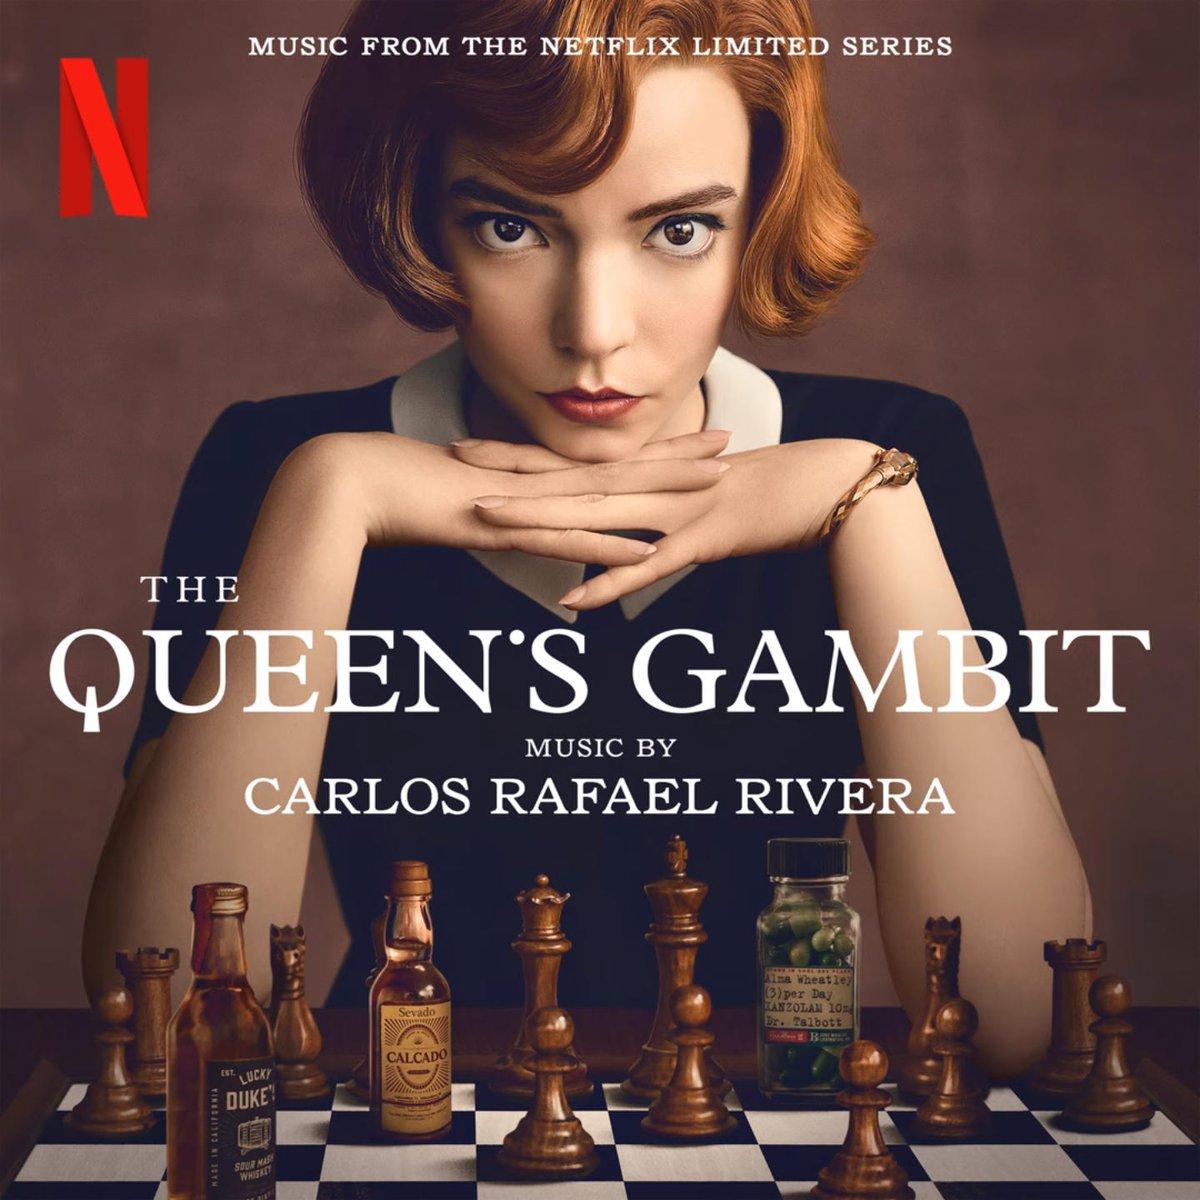 Escucha el #soundtrack de #GambitoDeReina / #TheQueensGambit, miniserie de drama protagonizada por Anya Taylor-Joy, basada en la novela del mismo nombre de Walter Tevis https://t.co/Vn9Ud4P7Hj https://t.co/HMD9NfPlmS